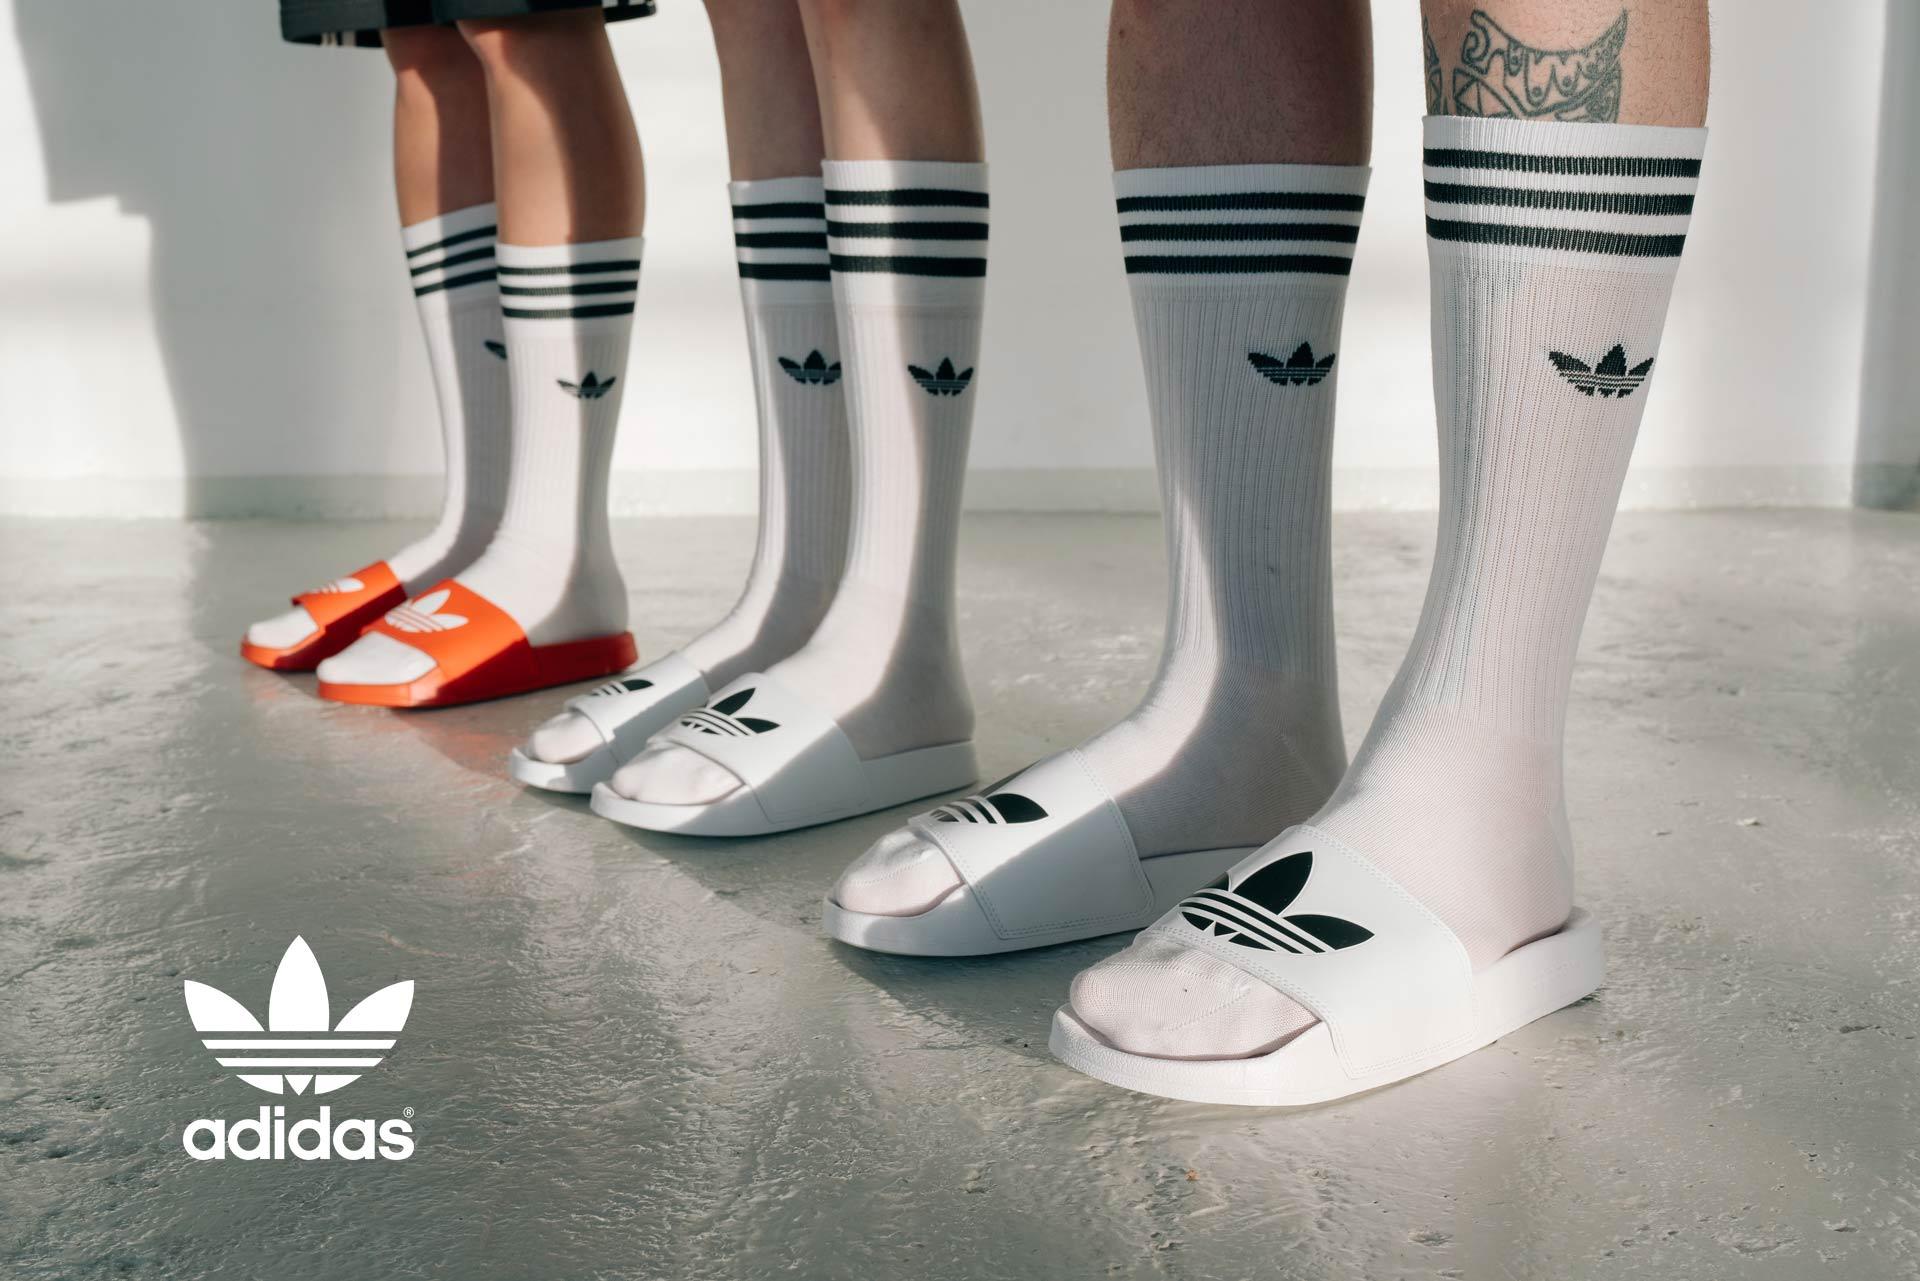 Klapki adidas i skarpety adidas wysokie